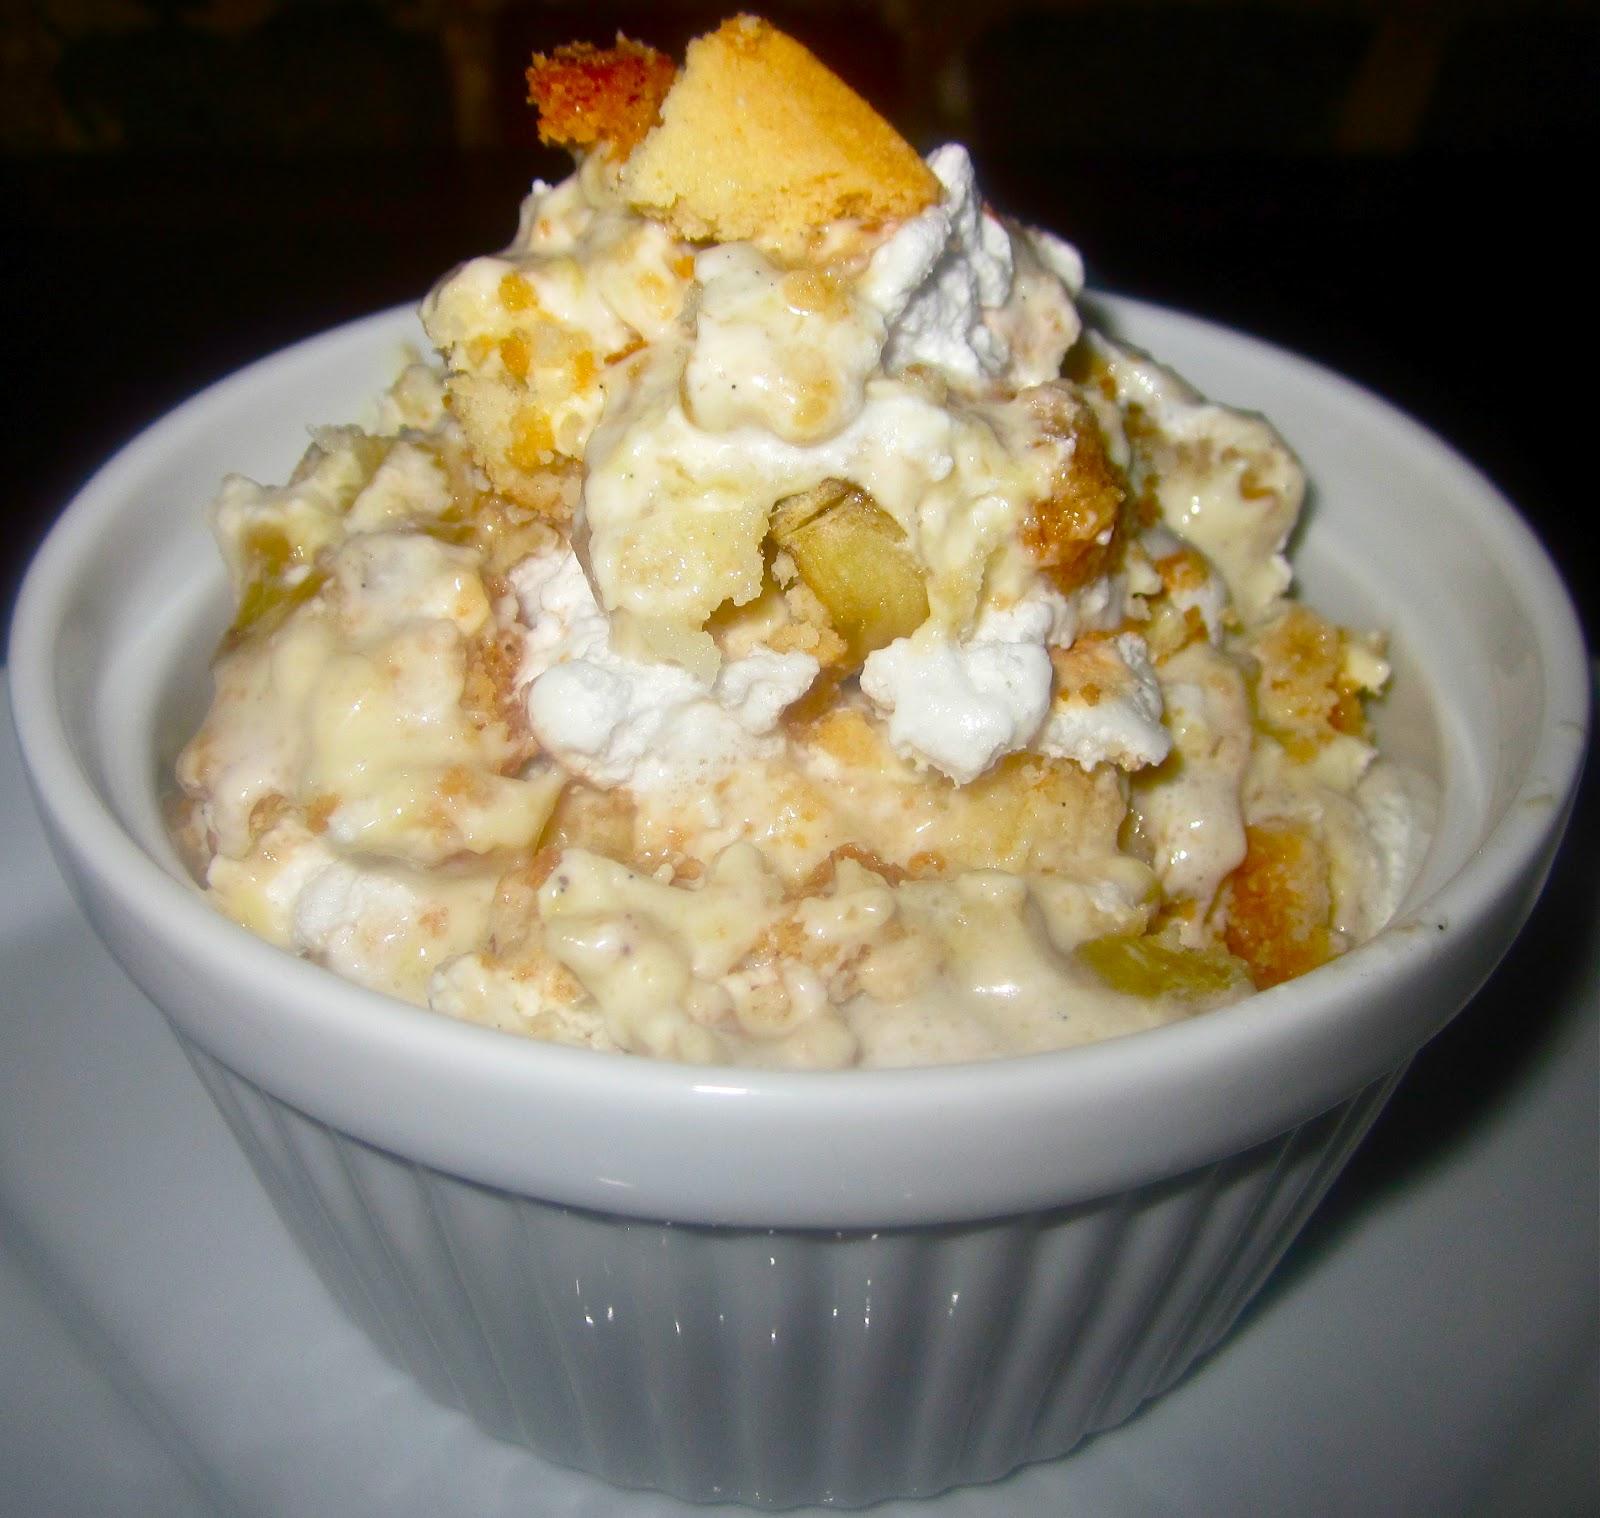 ... Roasted Banana-Vanilla Bean Pudding, Whipped Cream, Sliced Banana